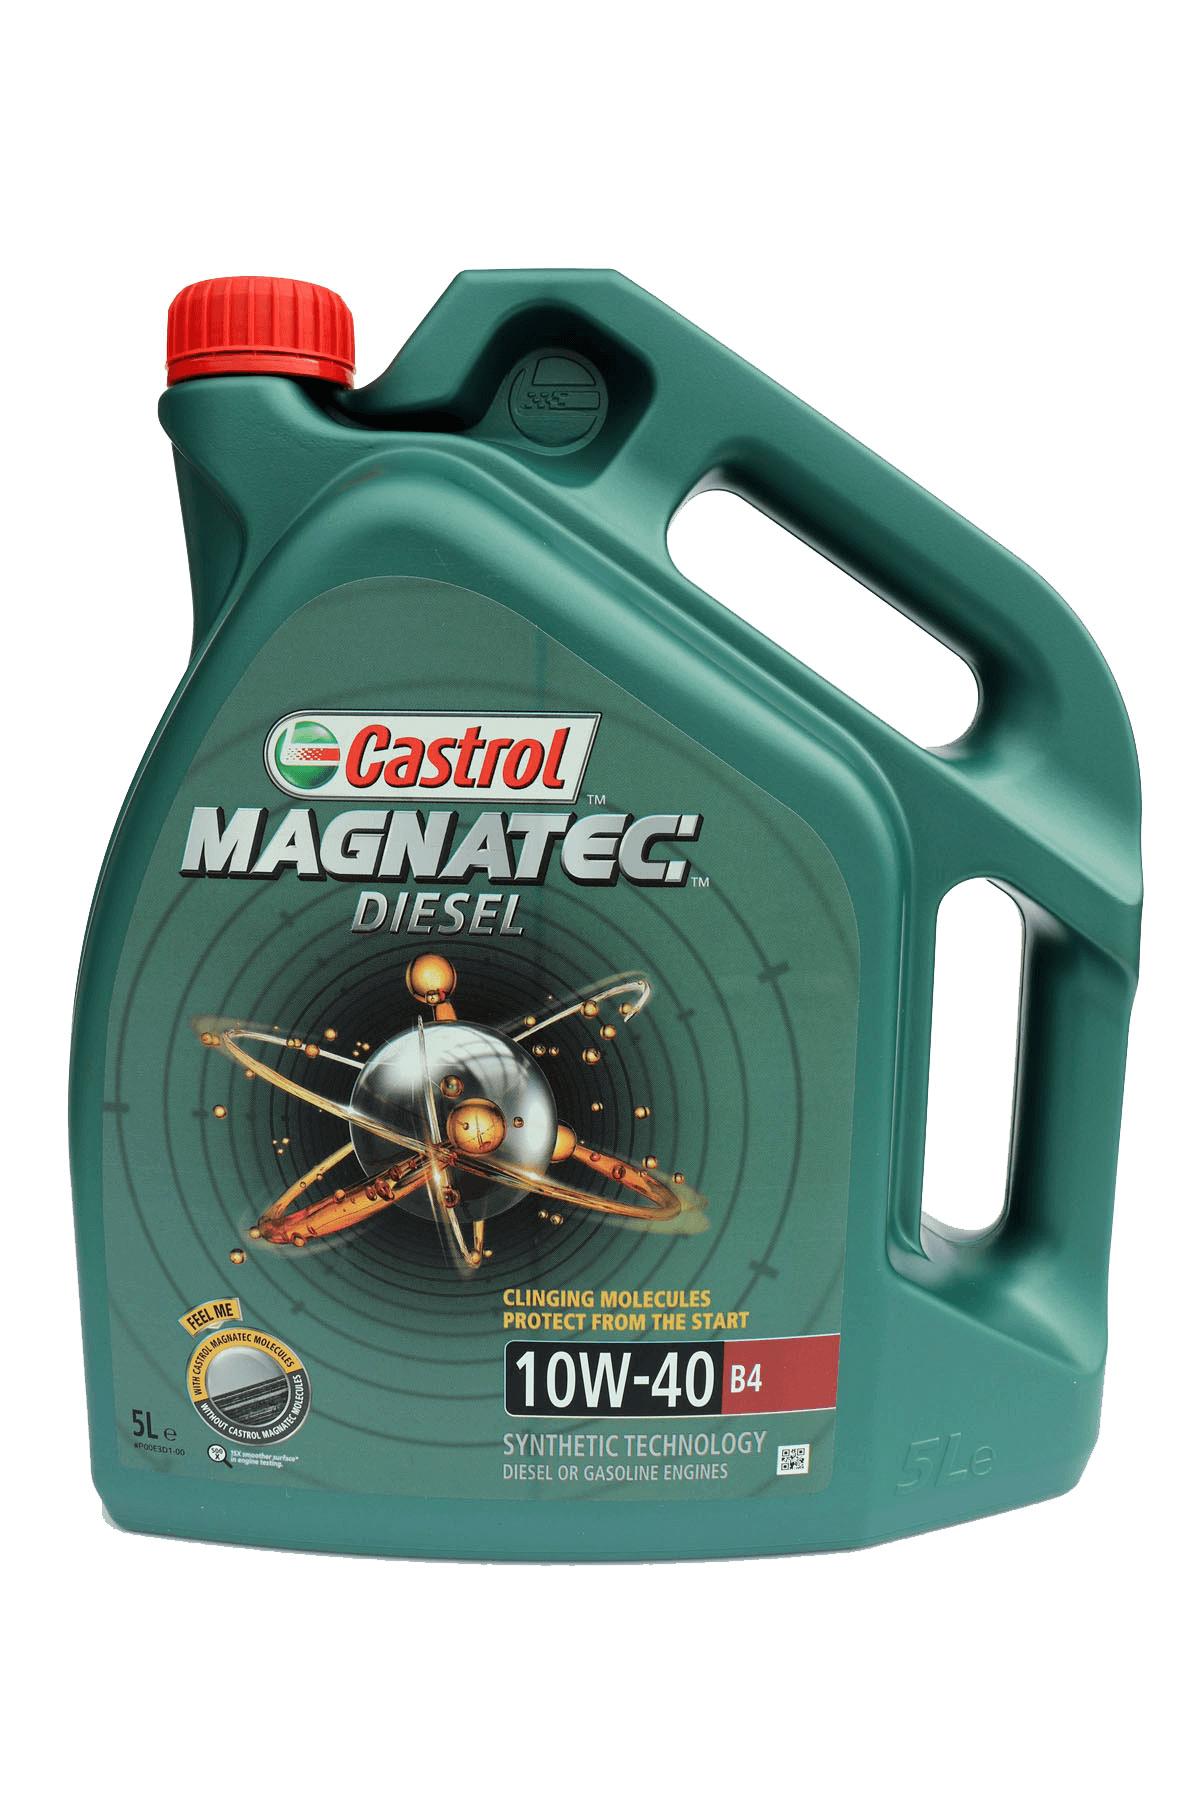 Castrol Magnatec Diesel 10W-40 B4 Motoröl, 5l